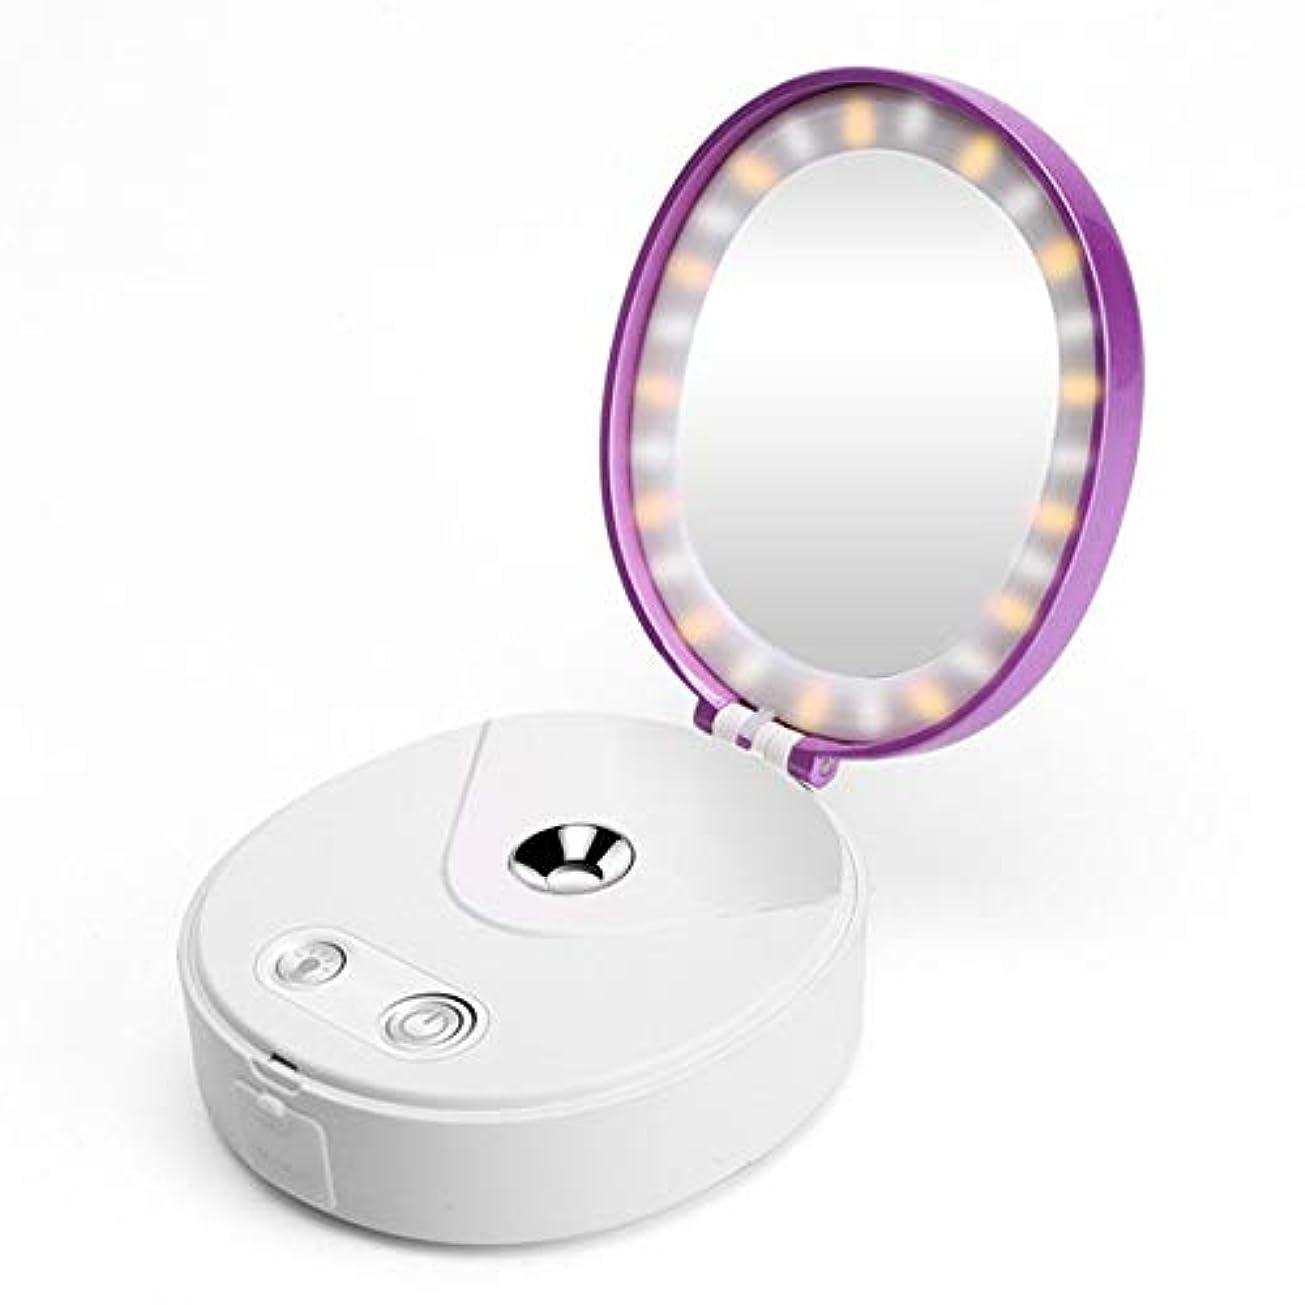 組永遠に熱心な化粧鏡ライト力銀行が付いている1つの小型ナノ霧の冷たいスプレーヤーの顔の加湿器に付き4つ